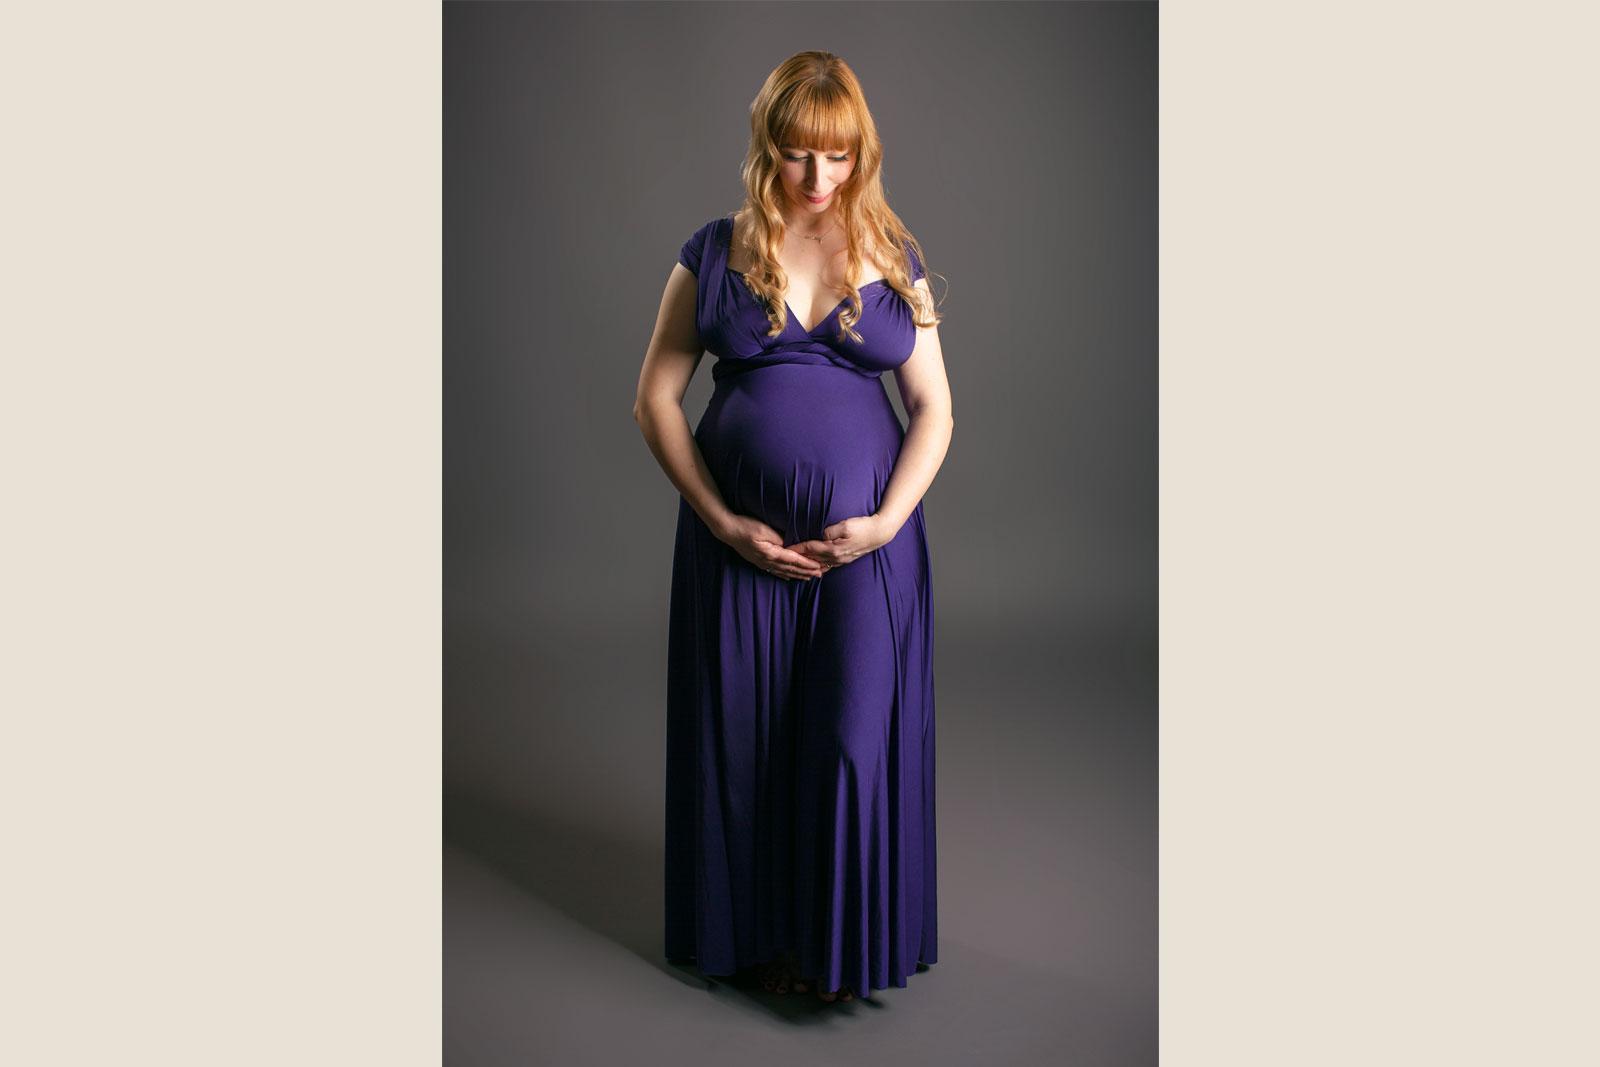 Babybauchkleid für Fotoshooting